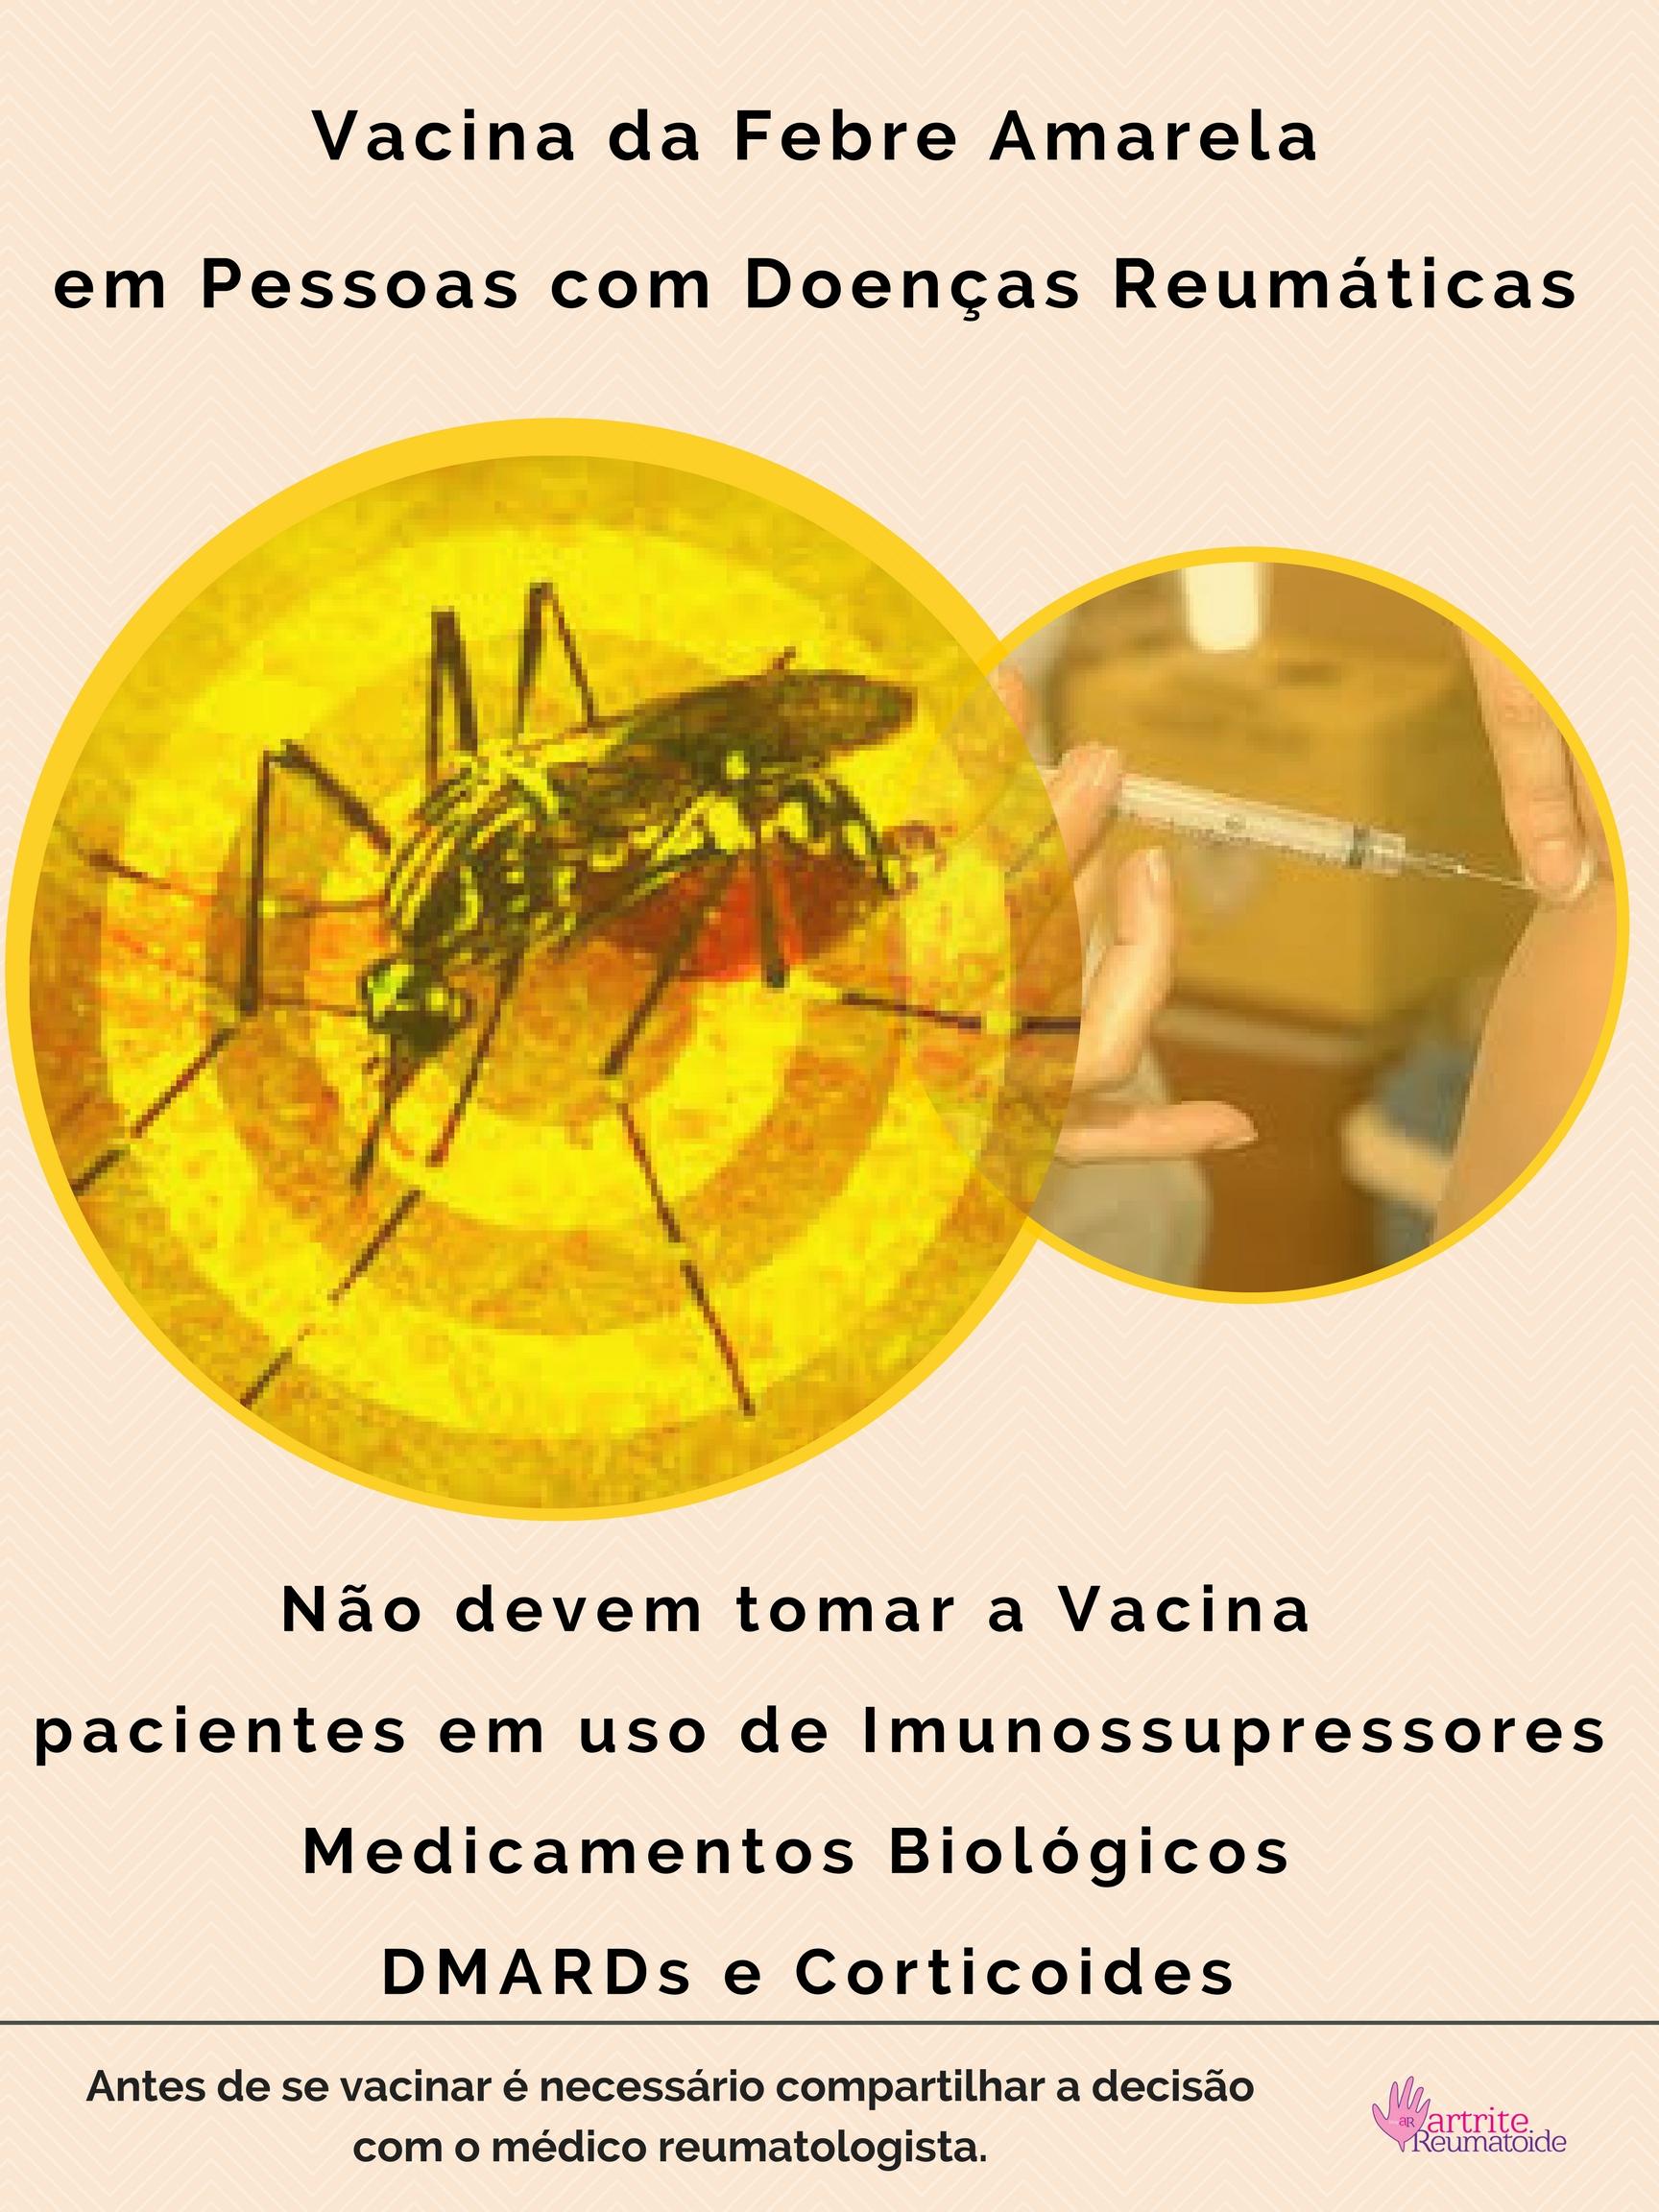 Vacina Febre Amarela pessoas doenças reumáticas